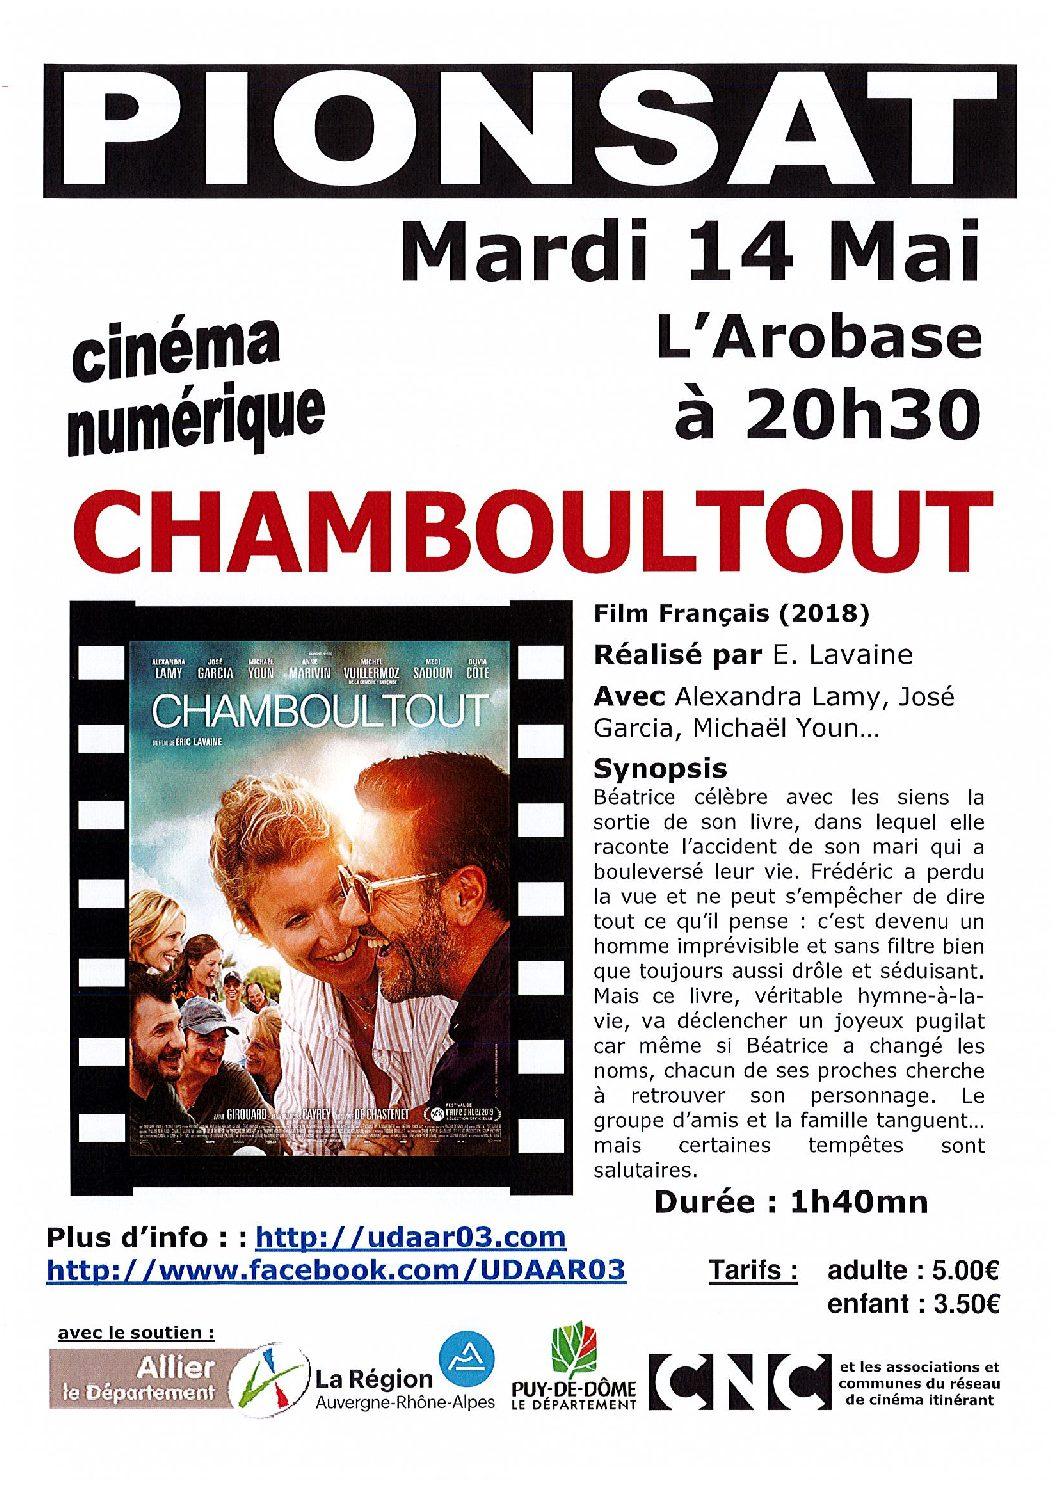 CINEMA DU 14 MAI